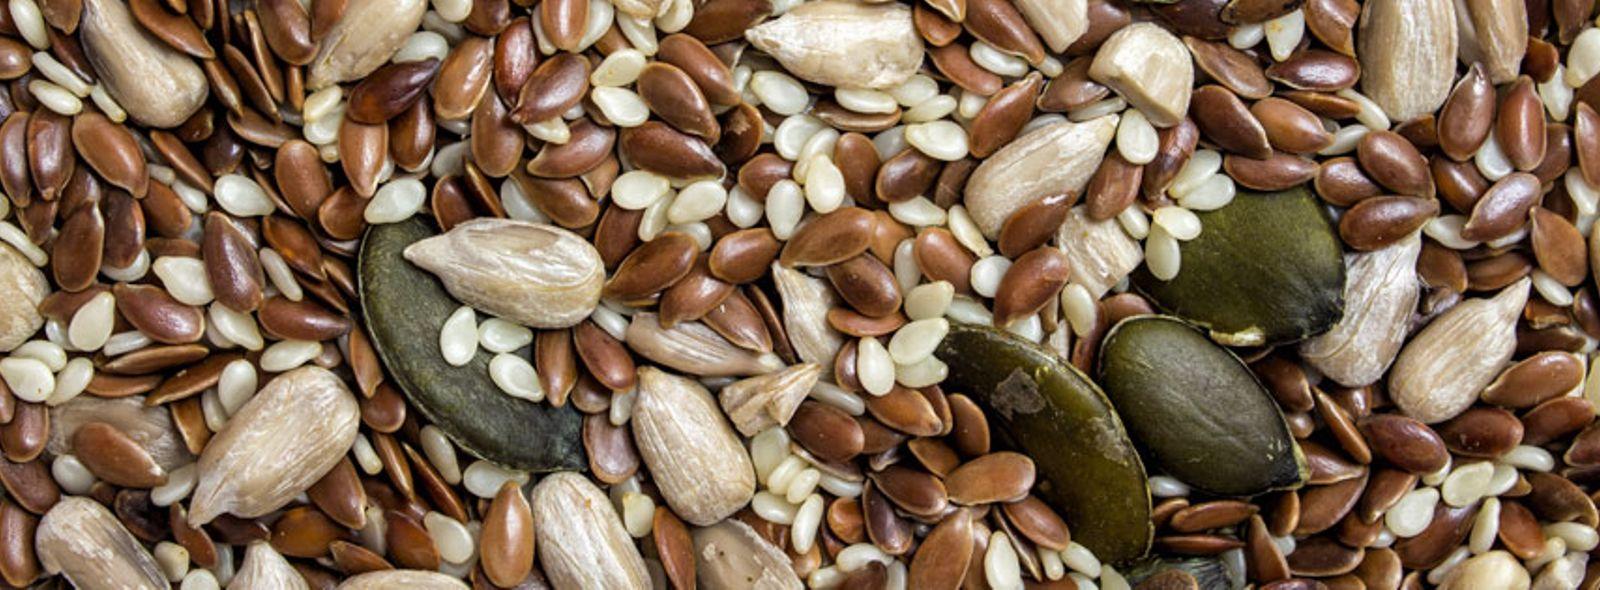 Quali semi fanno bene alla salute?